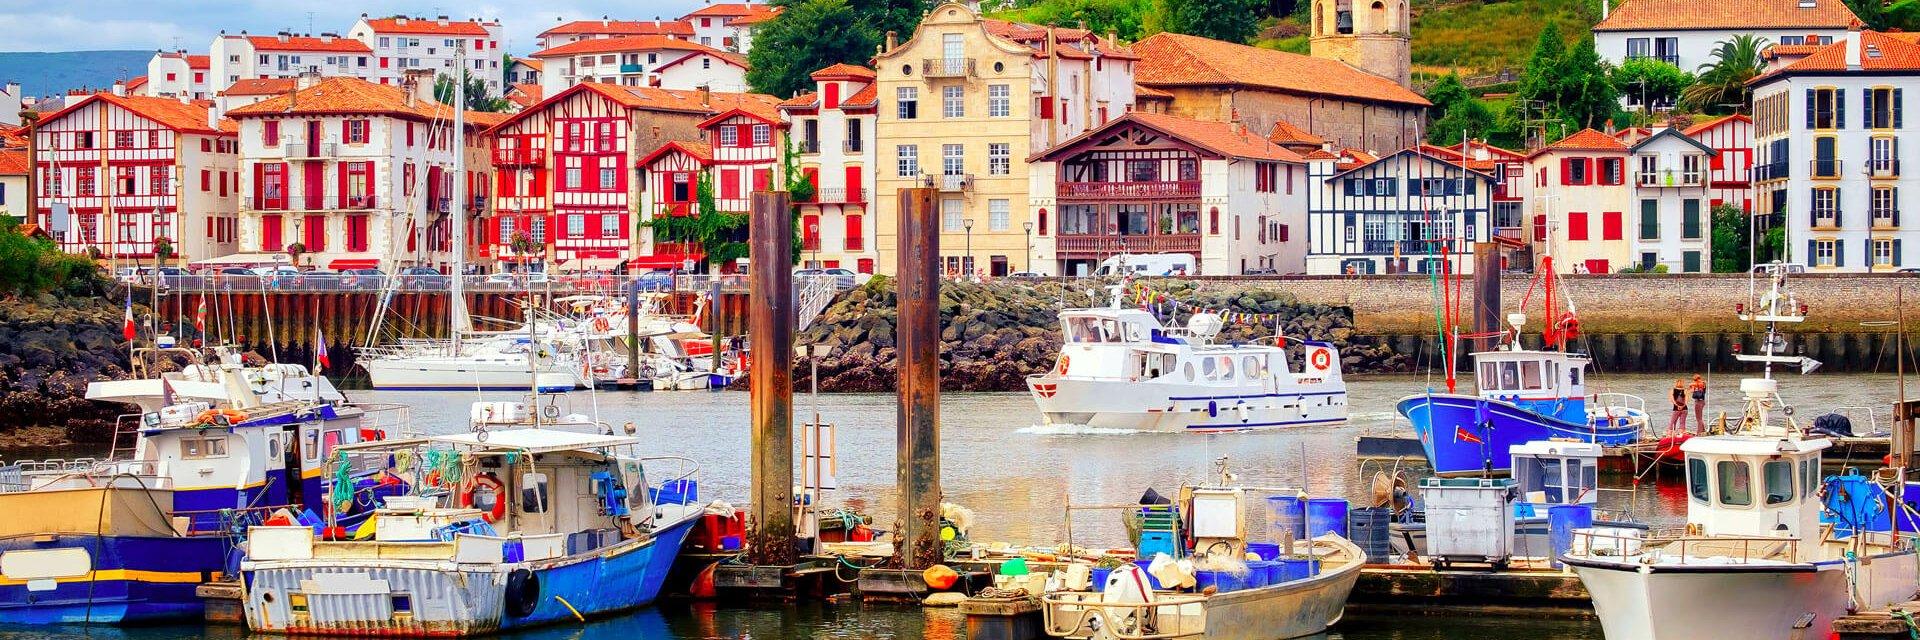 Sud-Ouest de la France et Pays basque